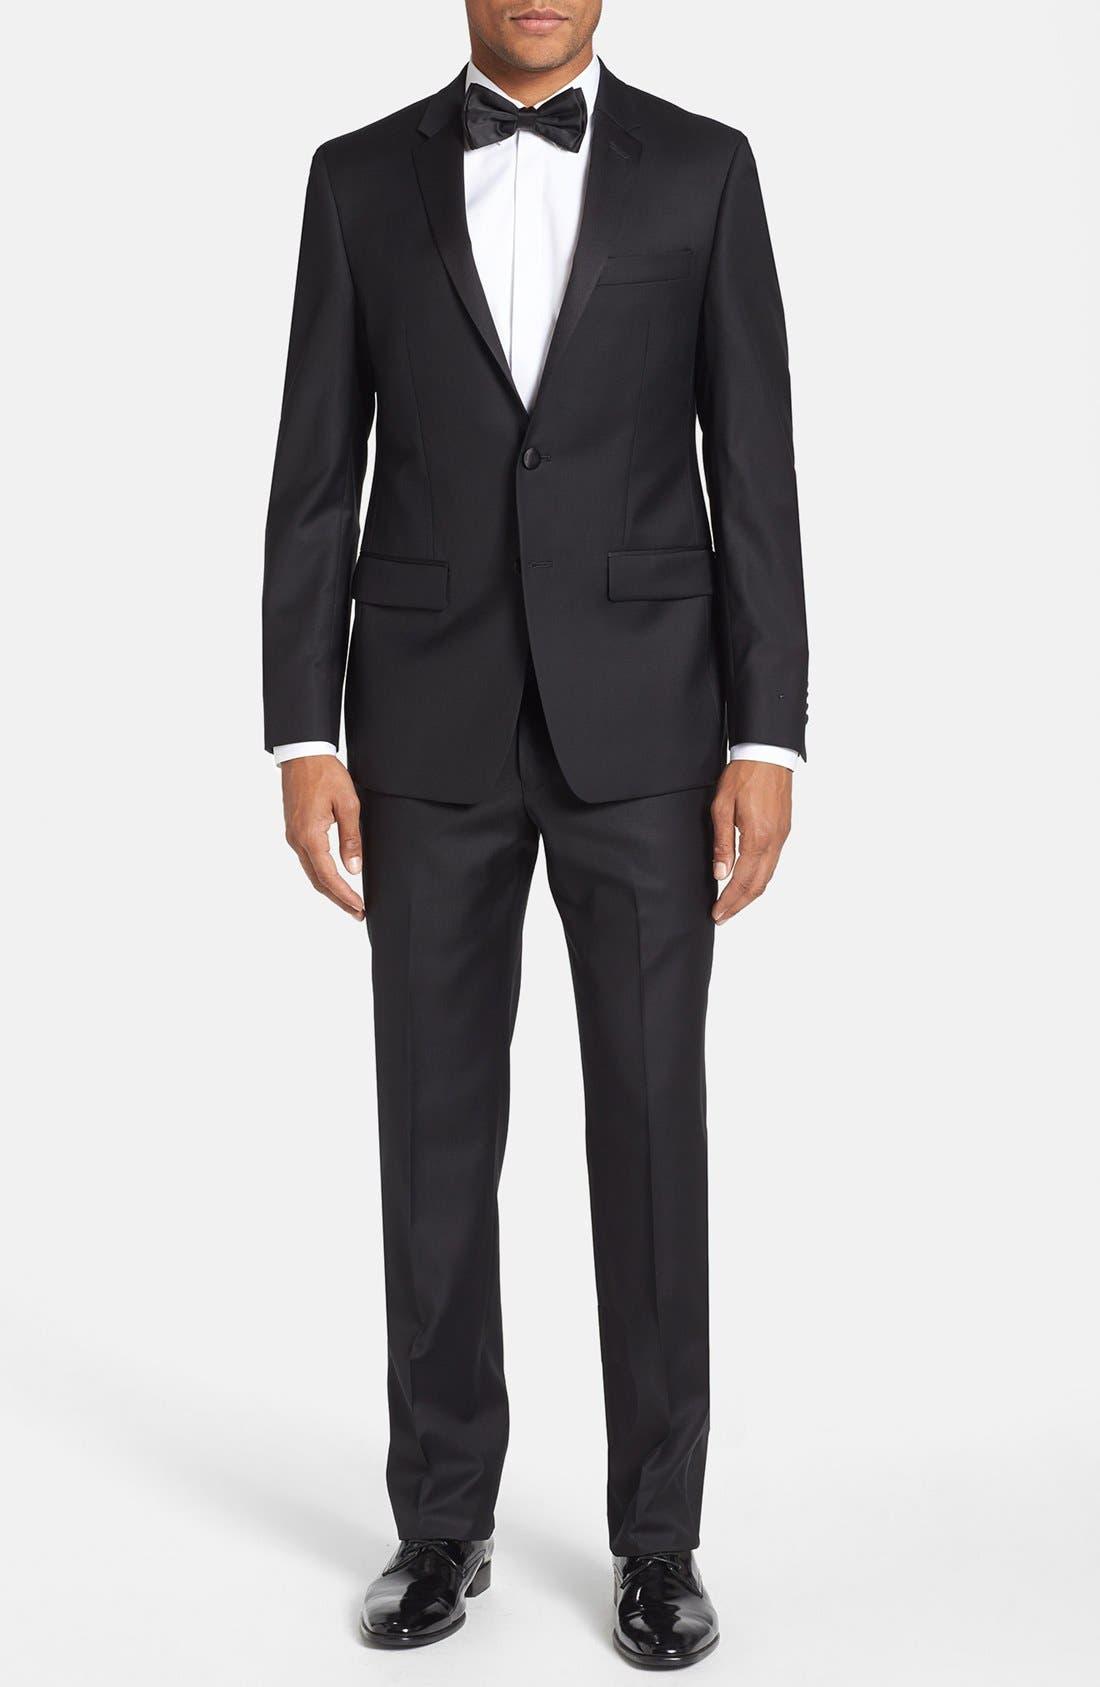 Alternate Image 1 Selected - Michael Kors Trim Fit Wool Tuxedo